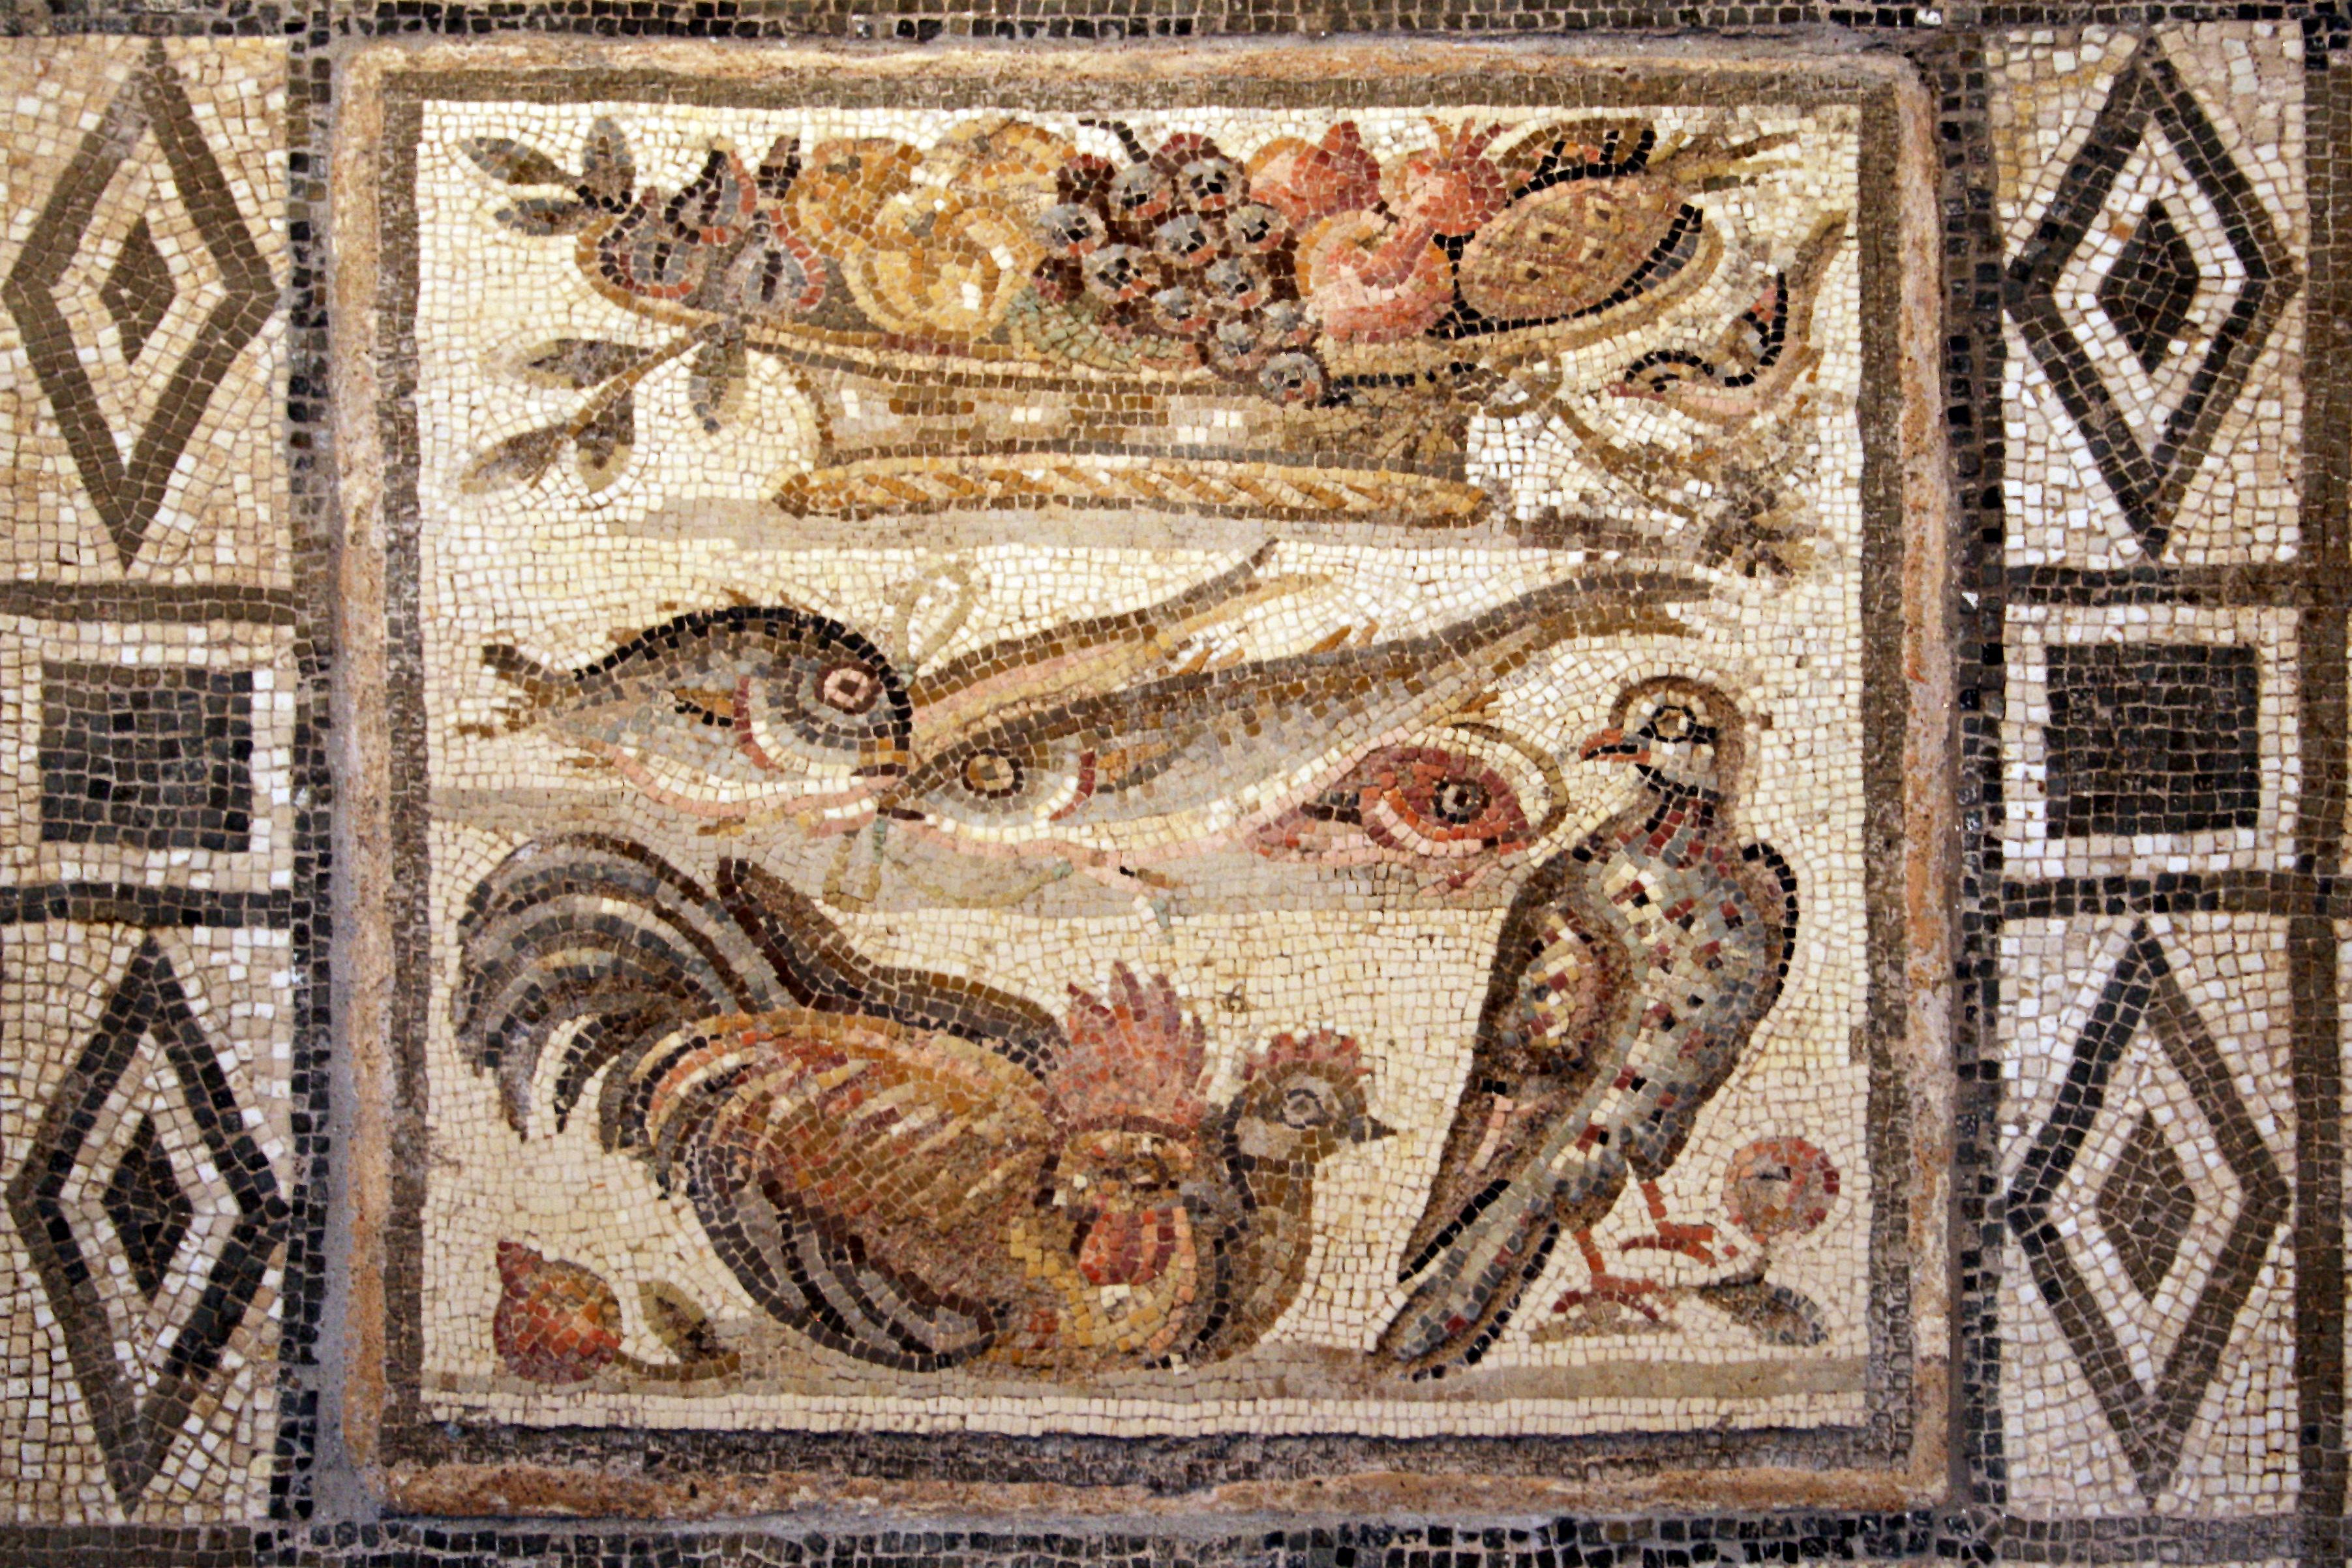 L'impossibile ananas nel mosaico romano: le legioni giunsero in America?